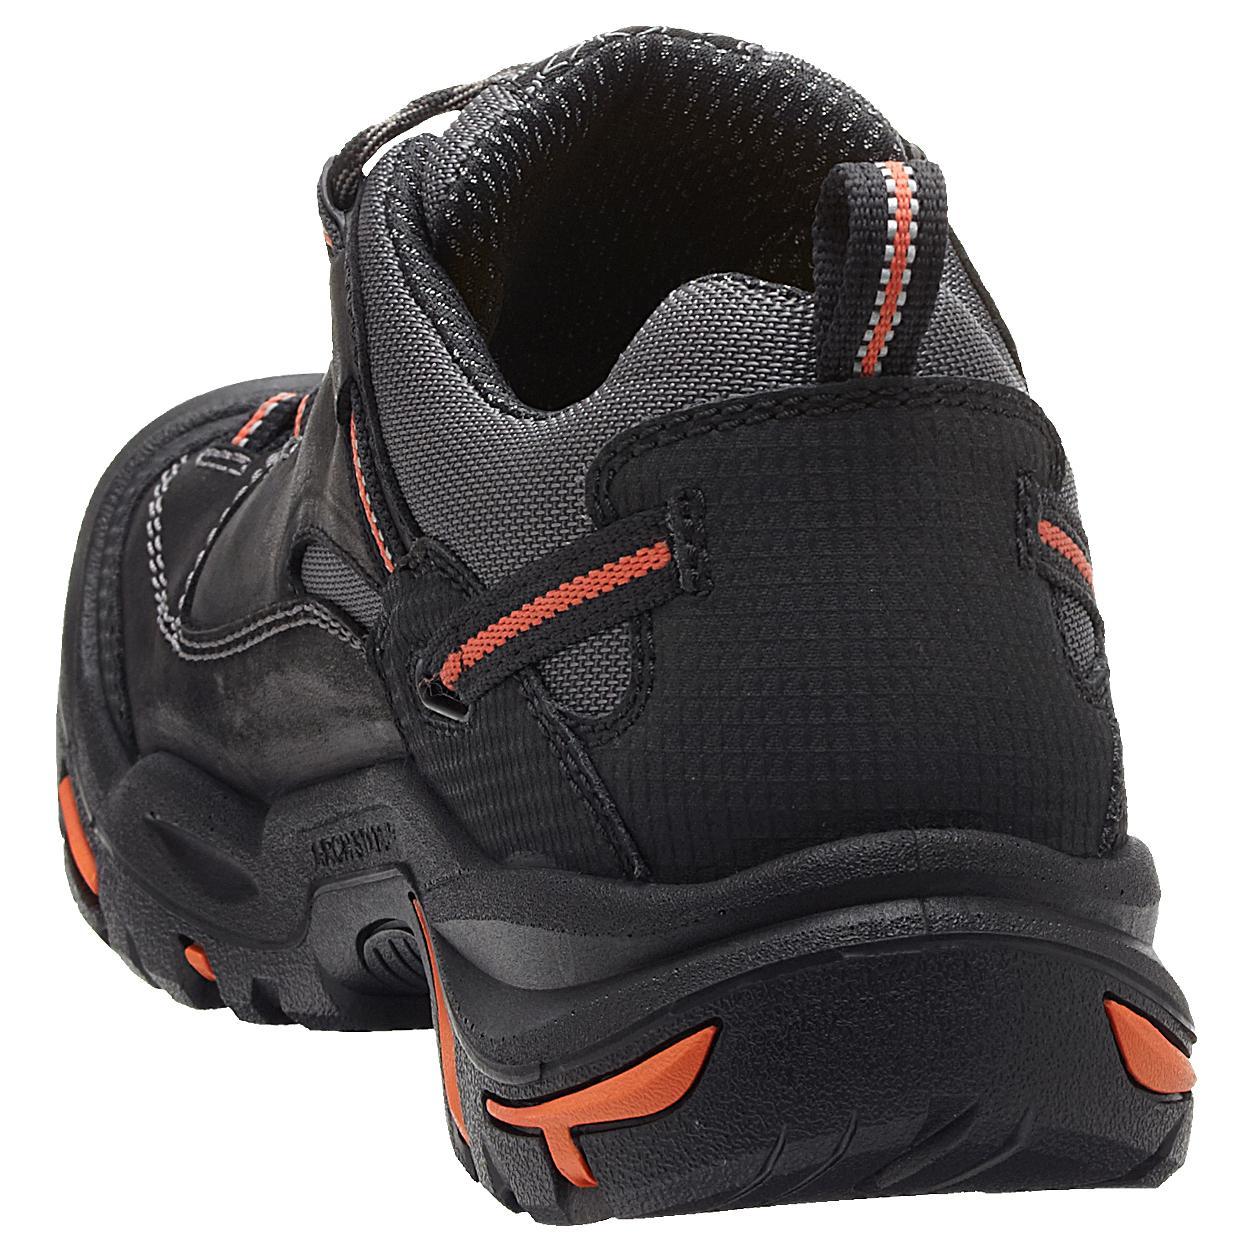 e3b379e4d4 Keen Braddock Low Steel Toe Athletic Work Shoe